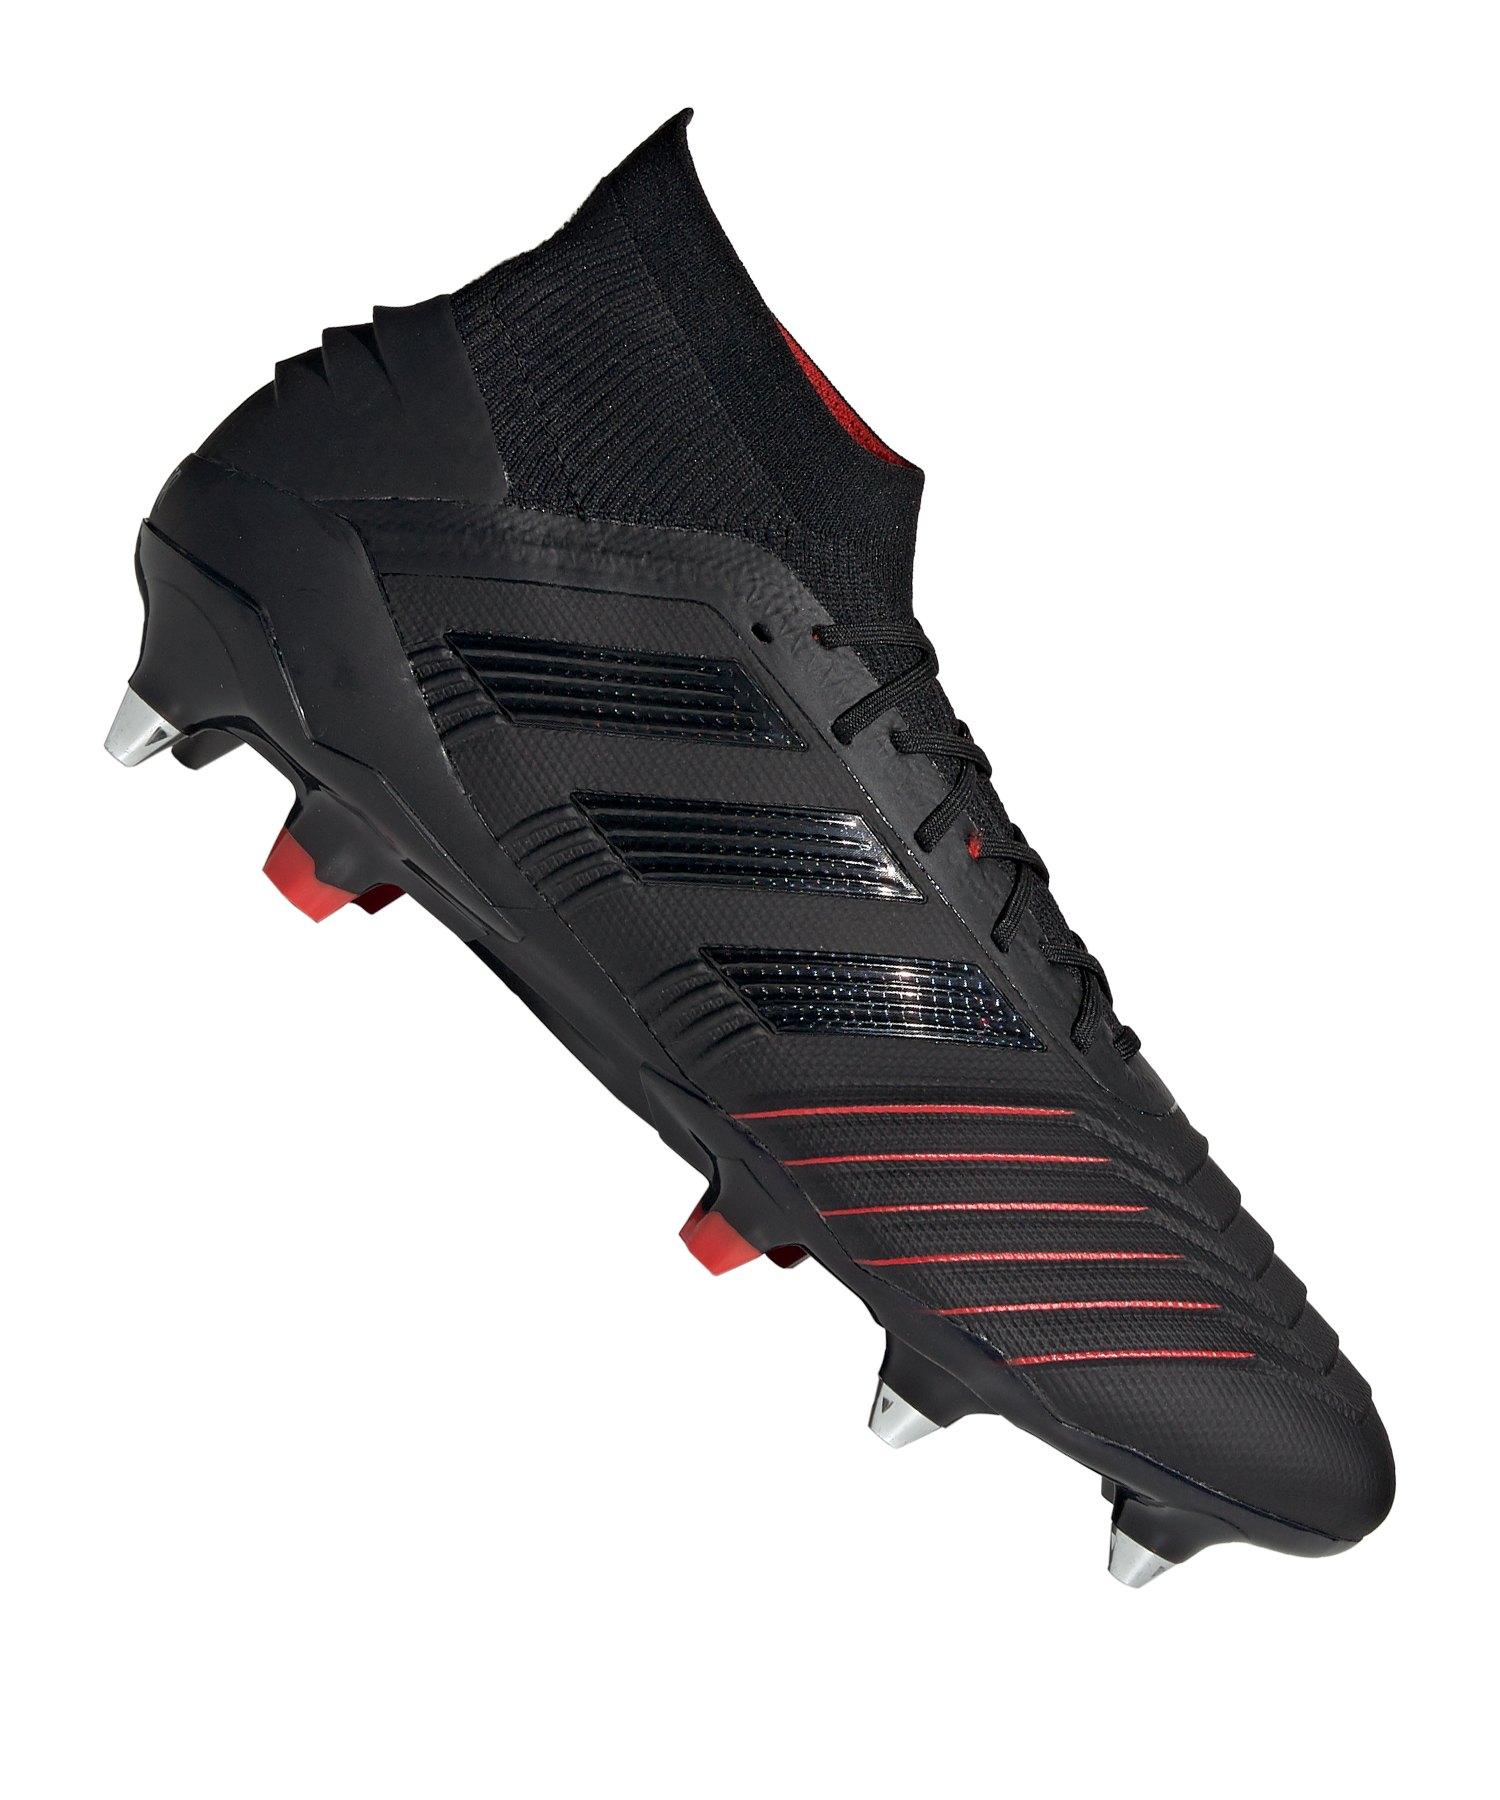 adidas Predator 19.1 SG Schwarz - schwarz